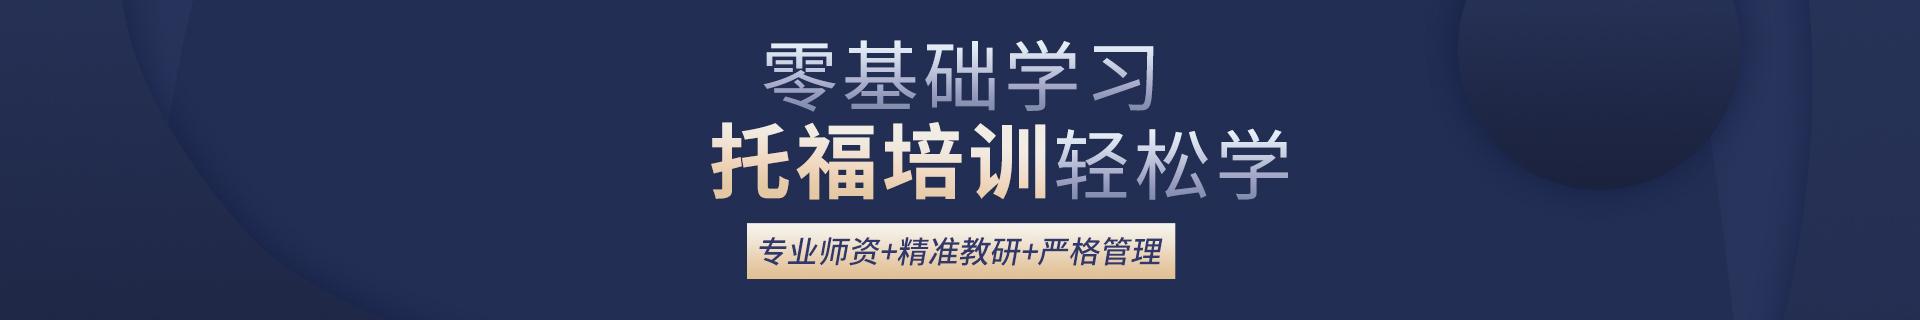 沈阳皇姑区环球教育